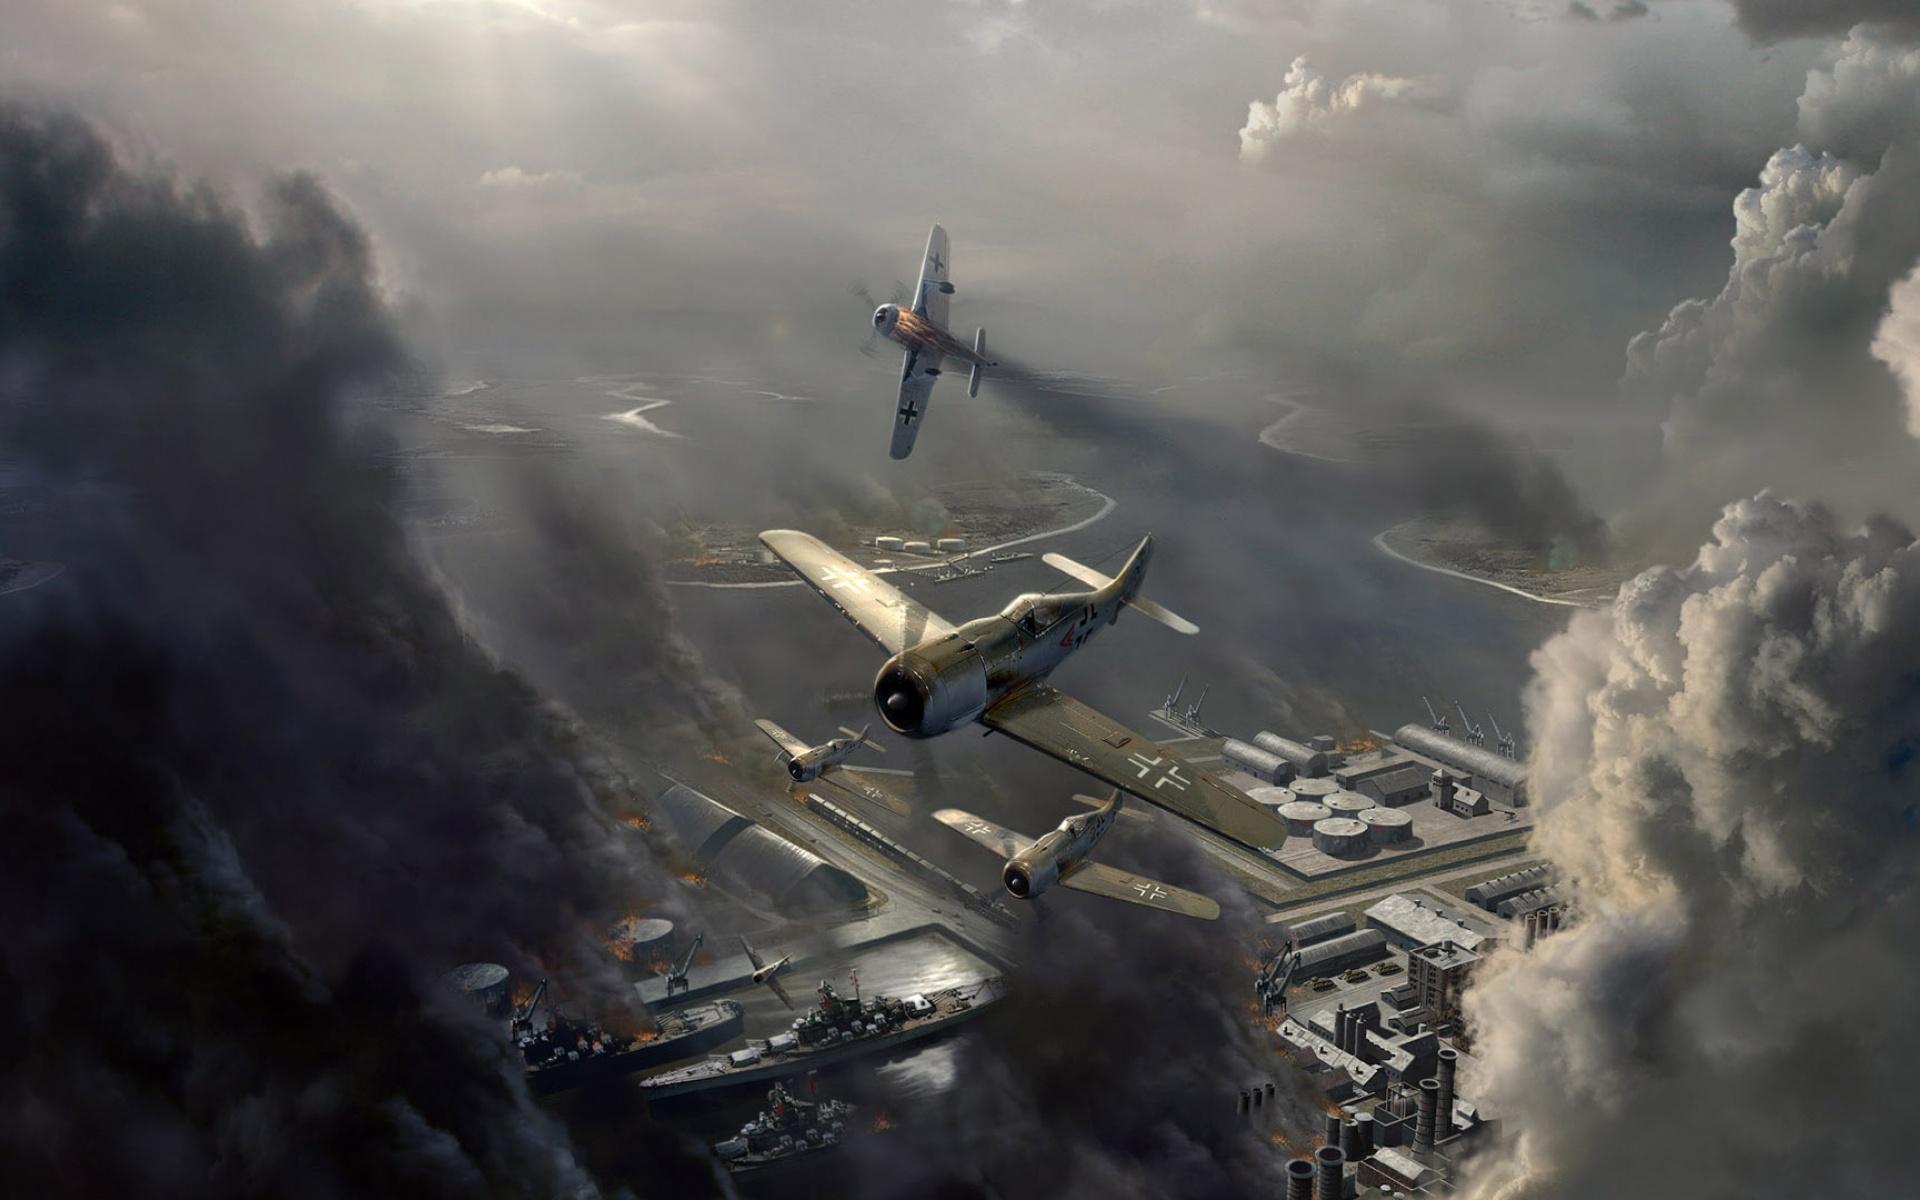 Воздушный бой  № 2373057 загрузить